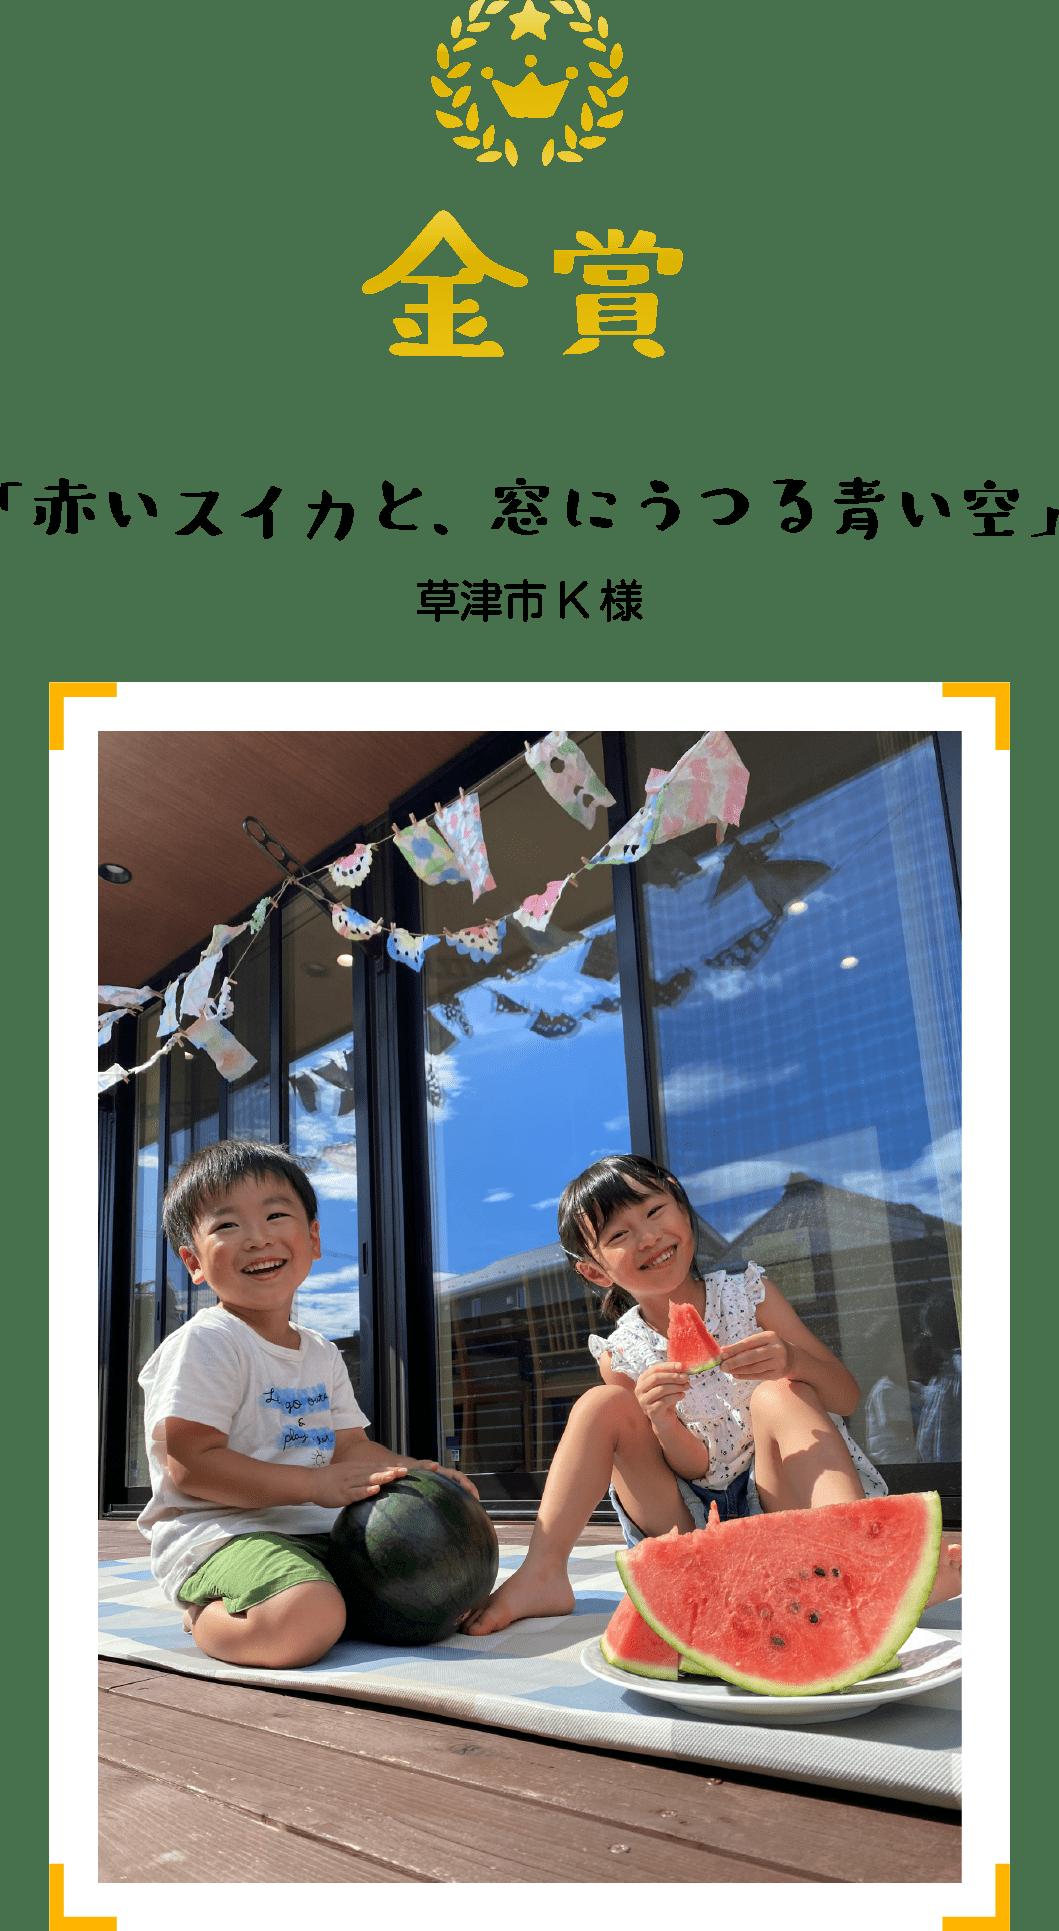 金賞 「赤いスイカと、窓にうつる青い空」